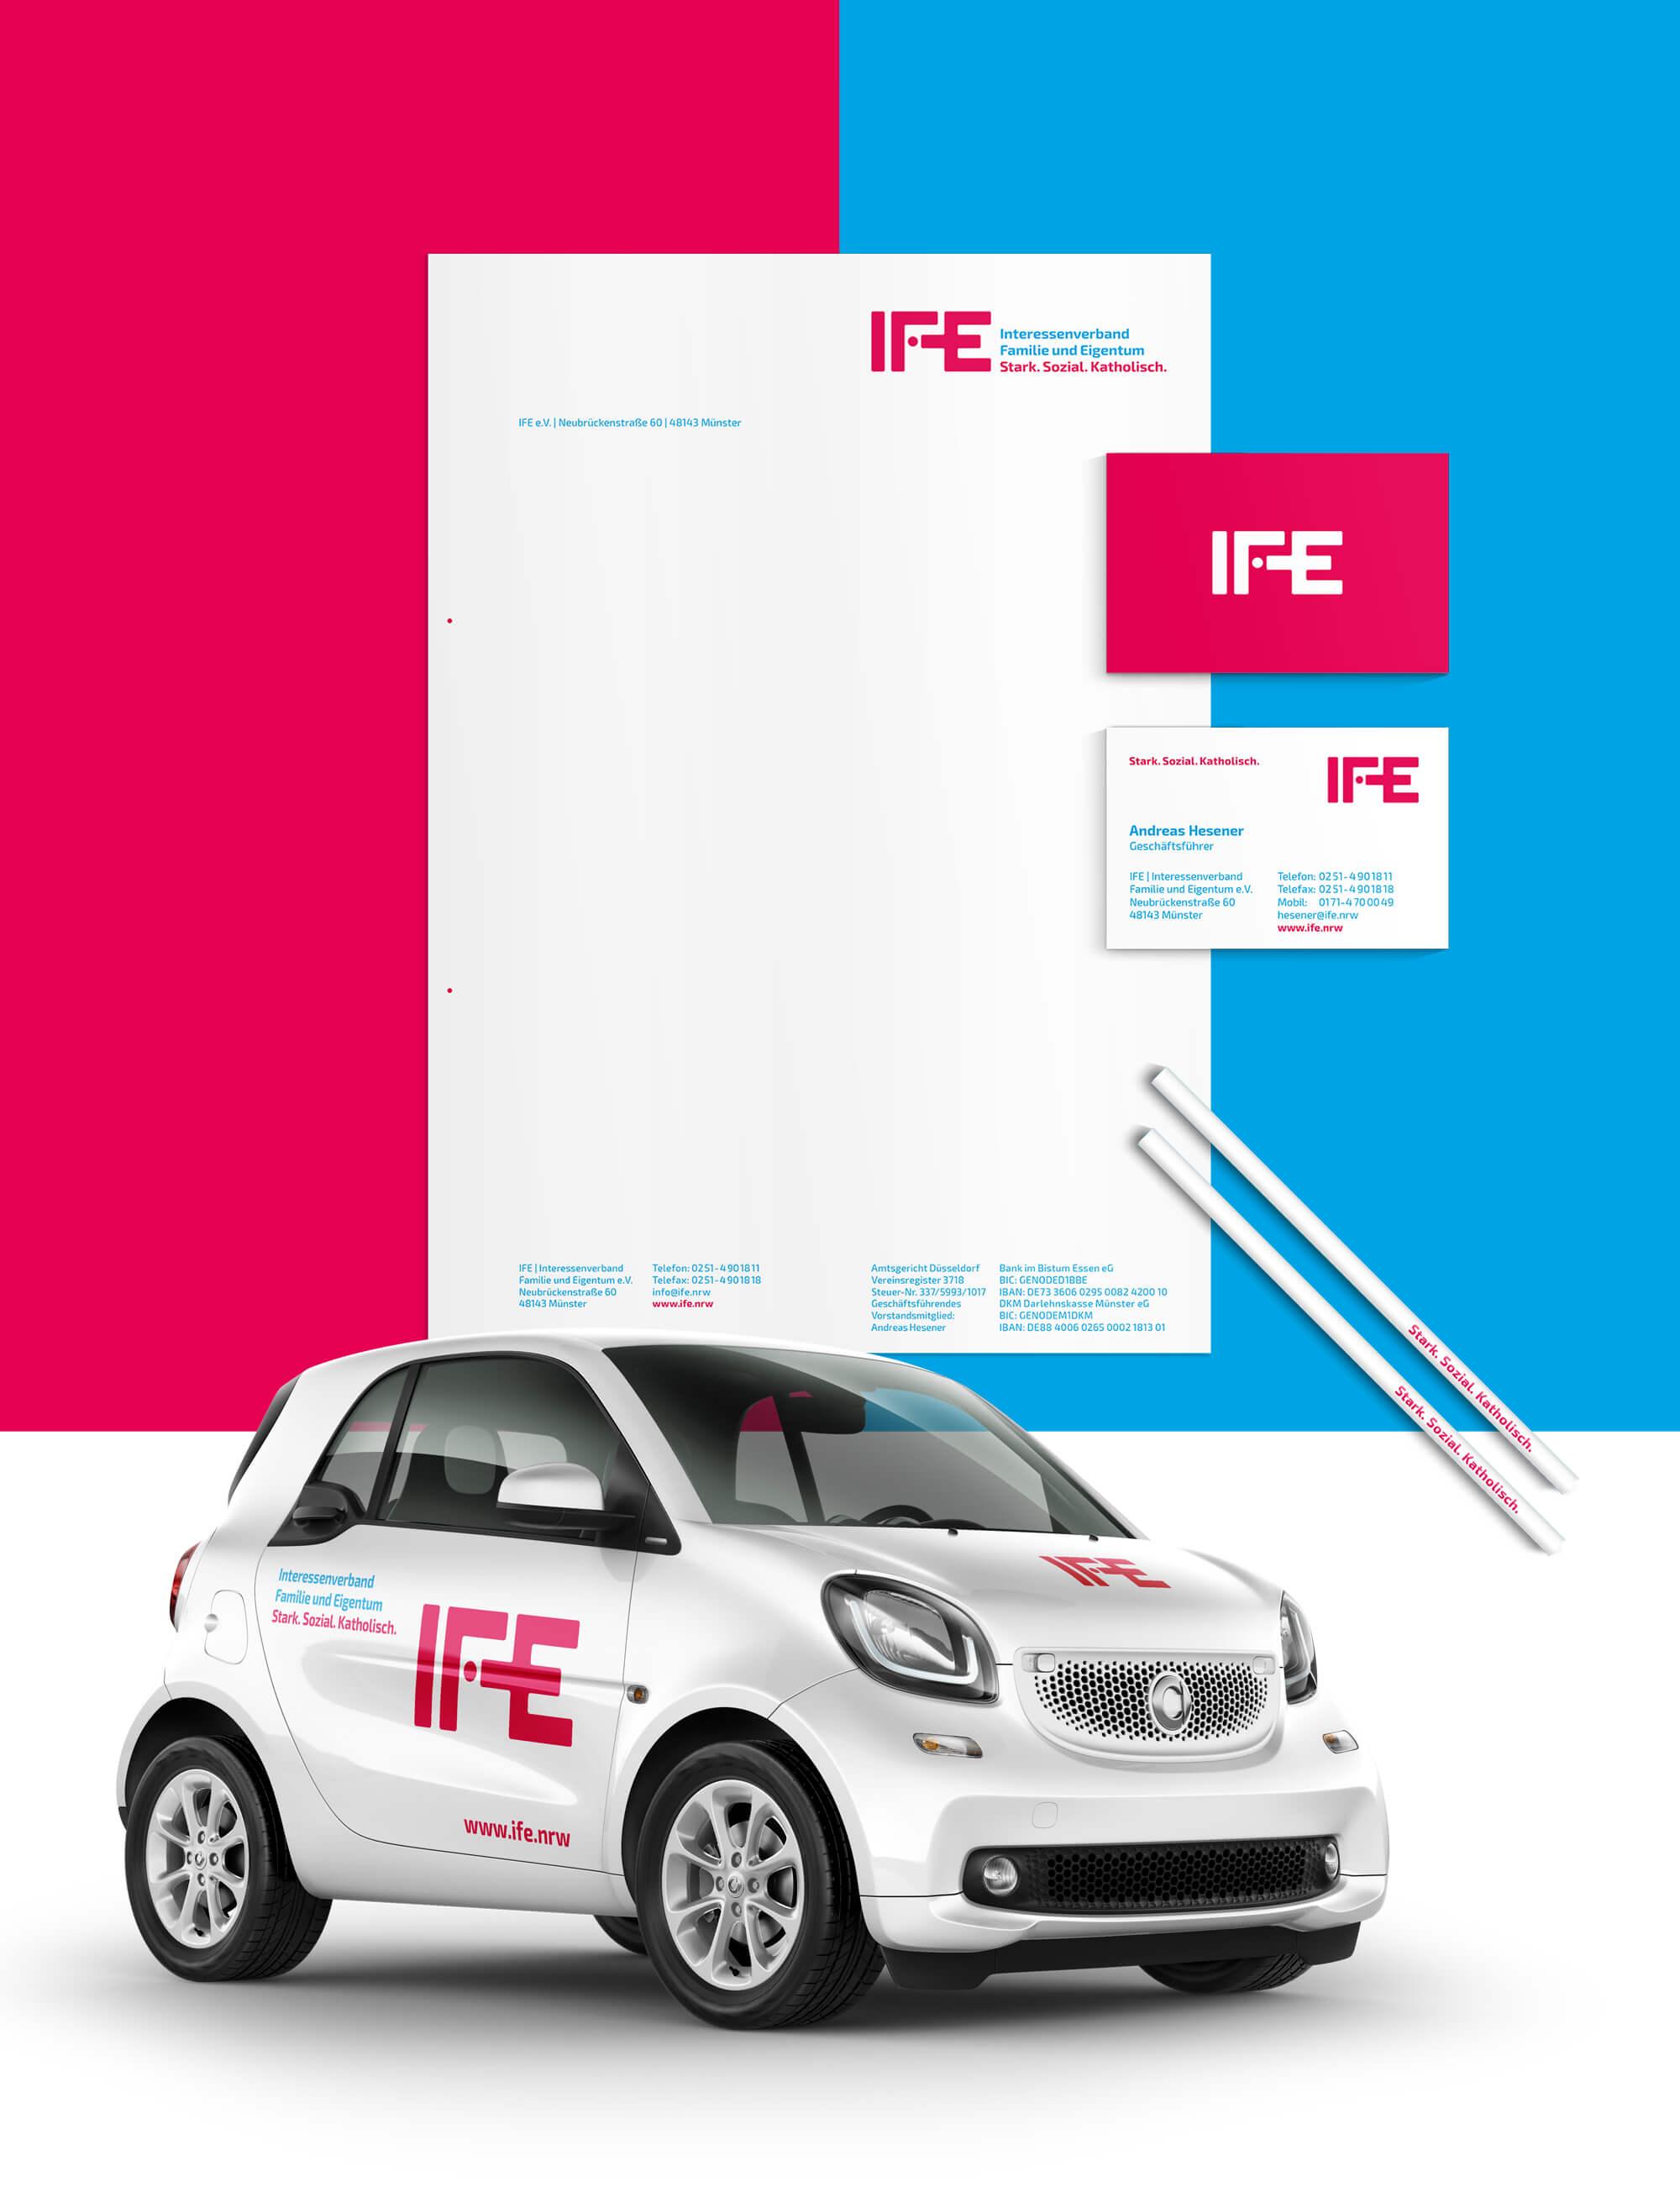 Corporate Design: Briefbogen, Visitenkarten und Fahrzeugbeschriftung im IFE-Design, gestaltet von der Corporate Design Agentur 31M